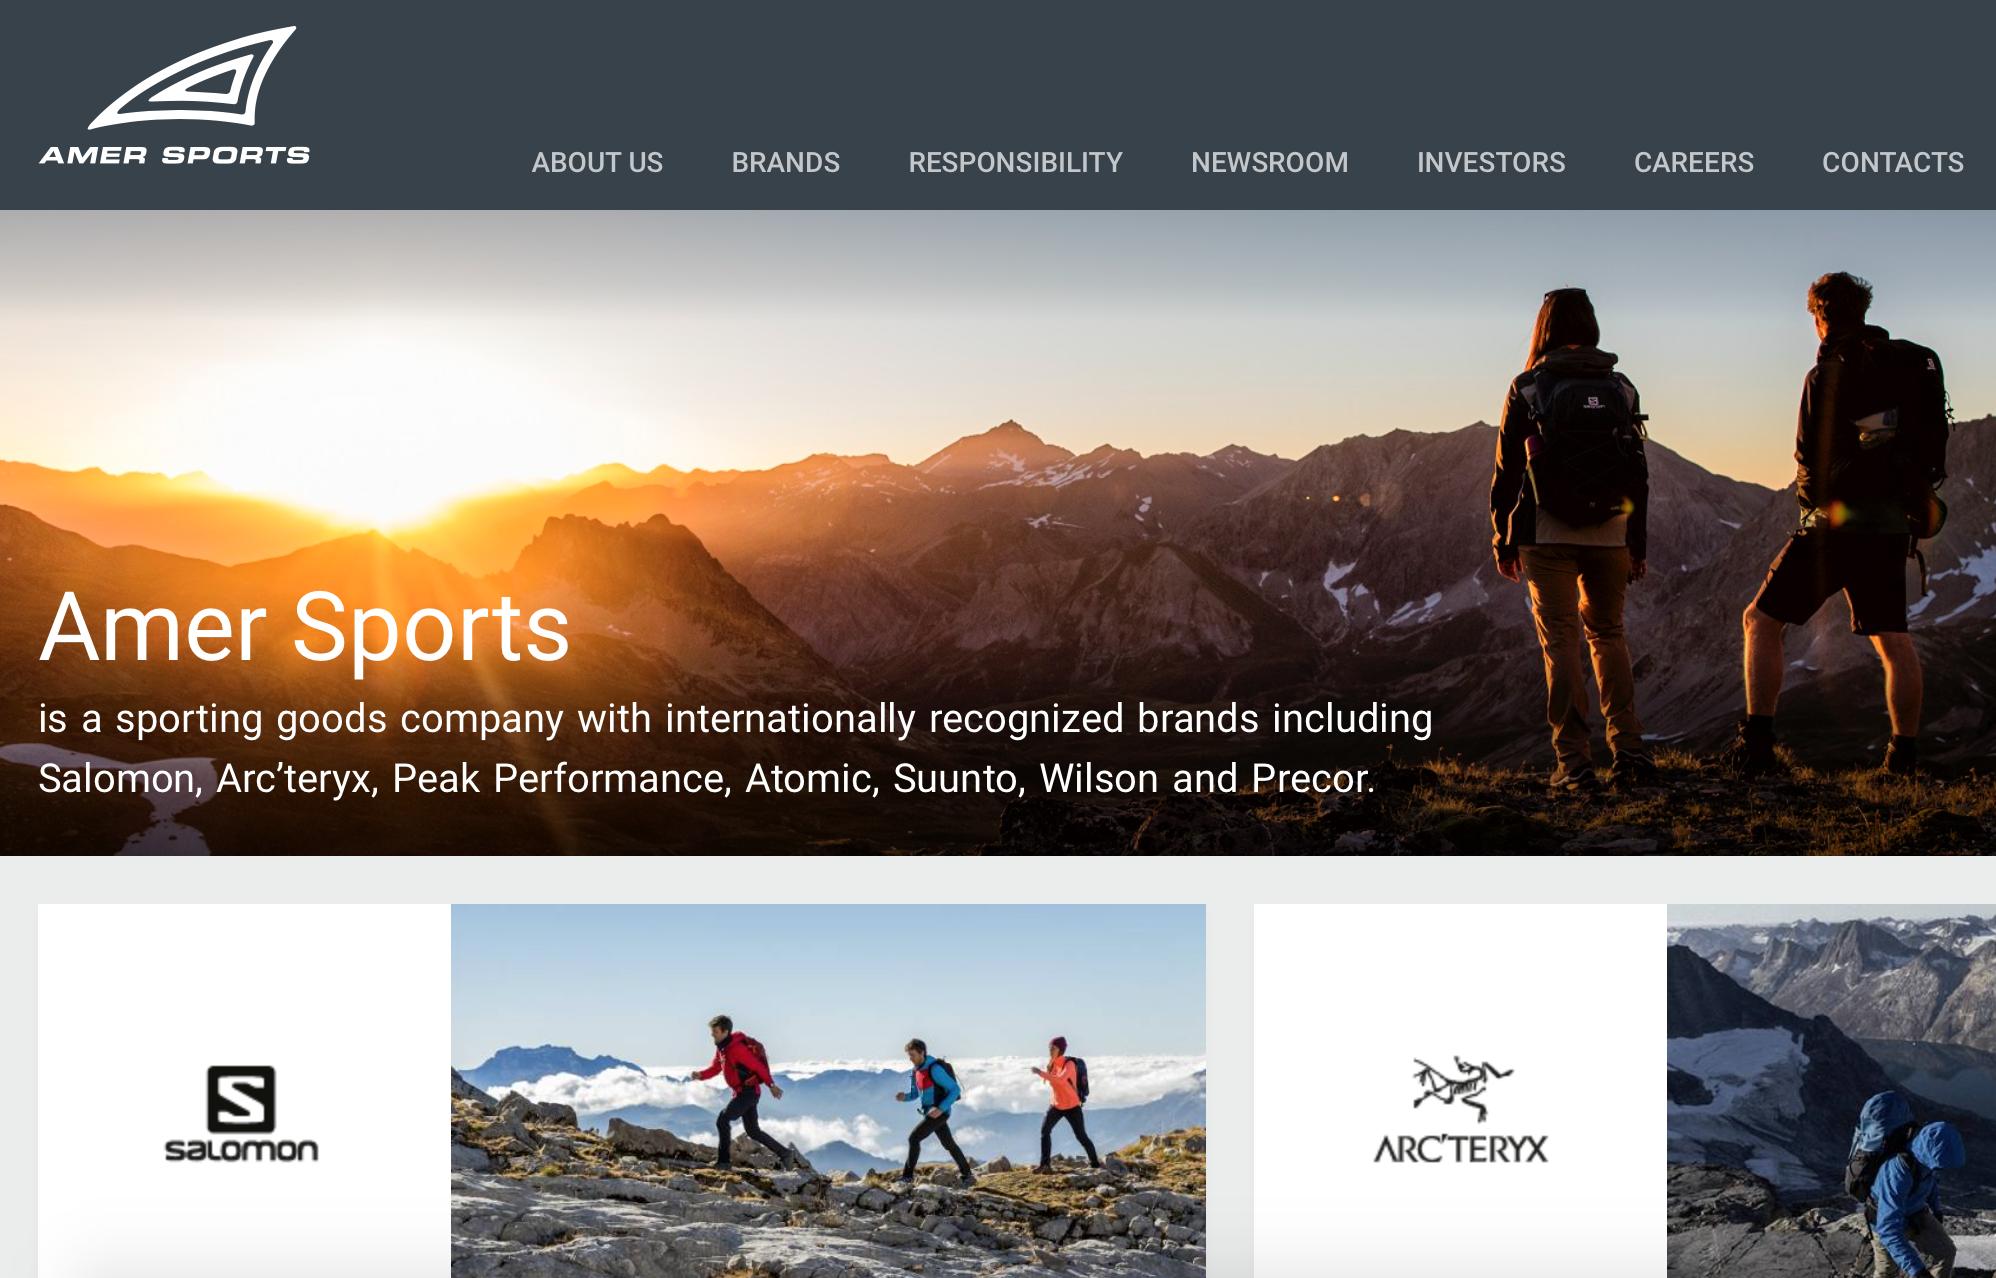 安踏体育间接出售 Amer Sports(始祖鸟母公司)少量股权,交易金额约合10亿人民币